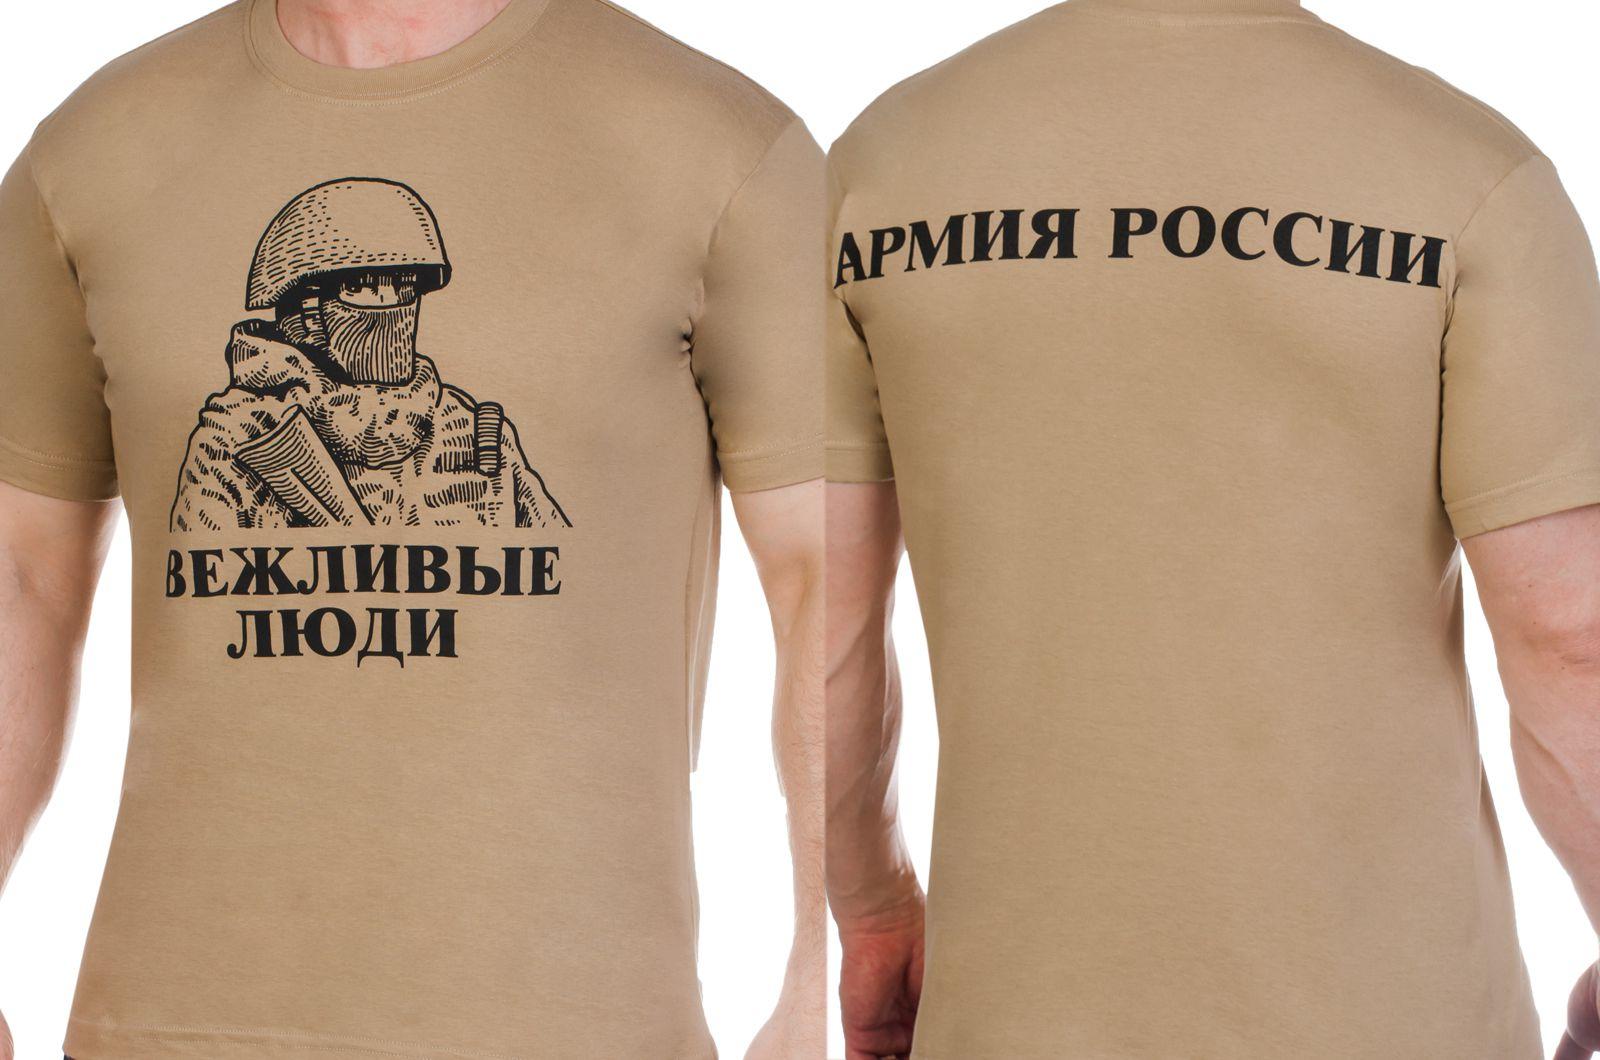 """Заказать футболки """"Вежливые люди - армия В. Путина"""""""